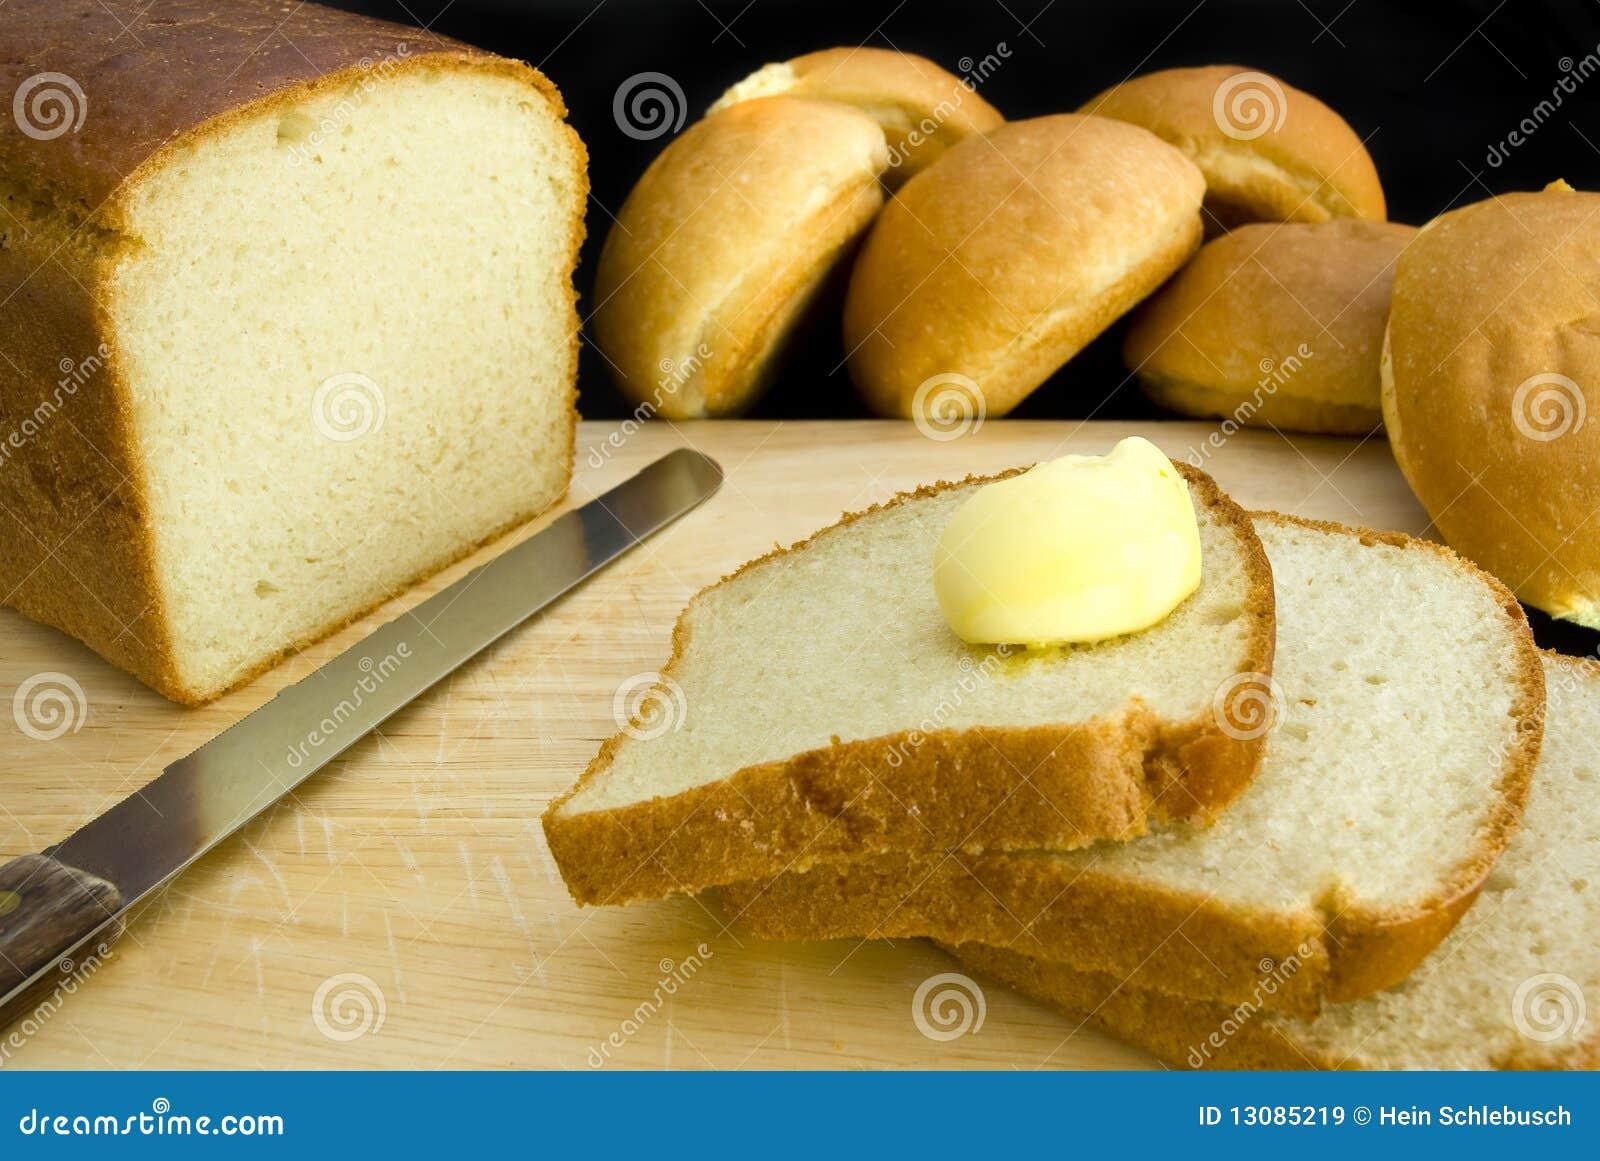 Pão e manteiga